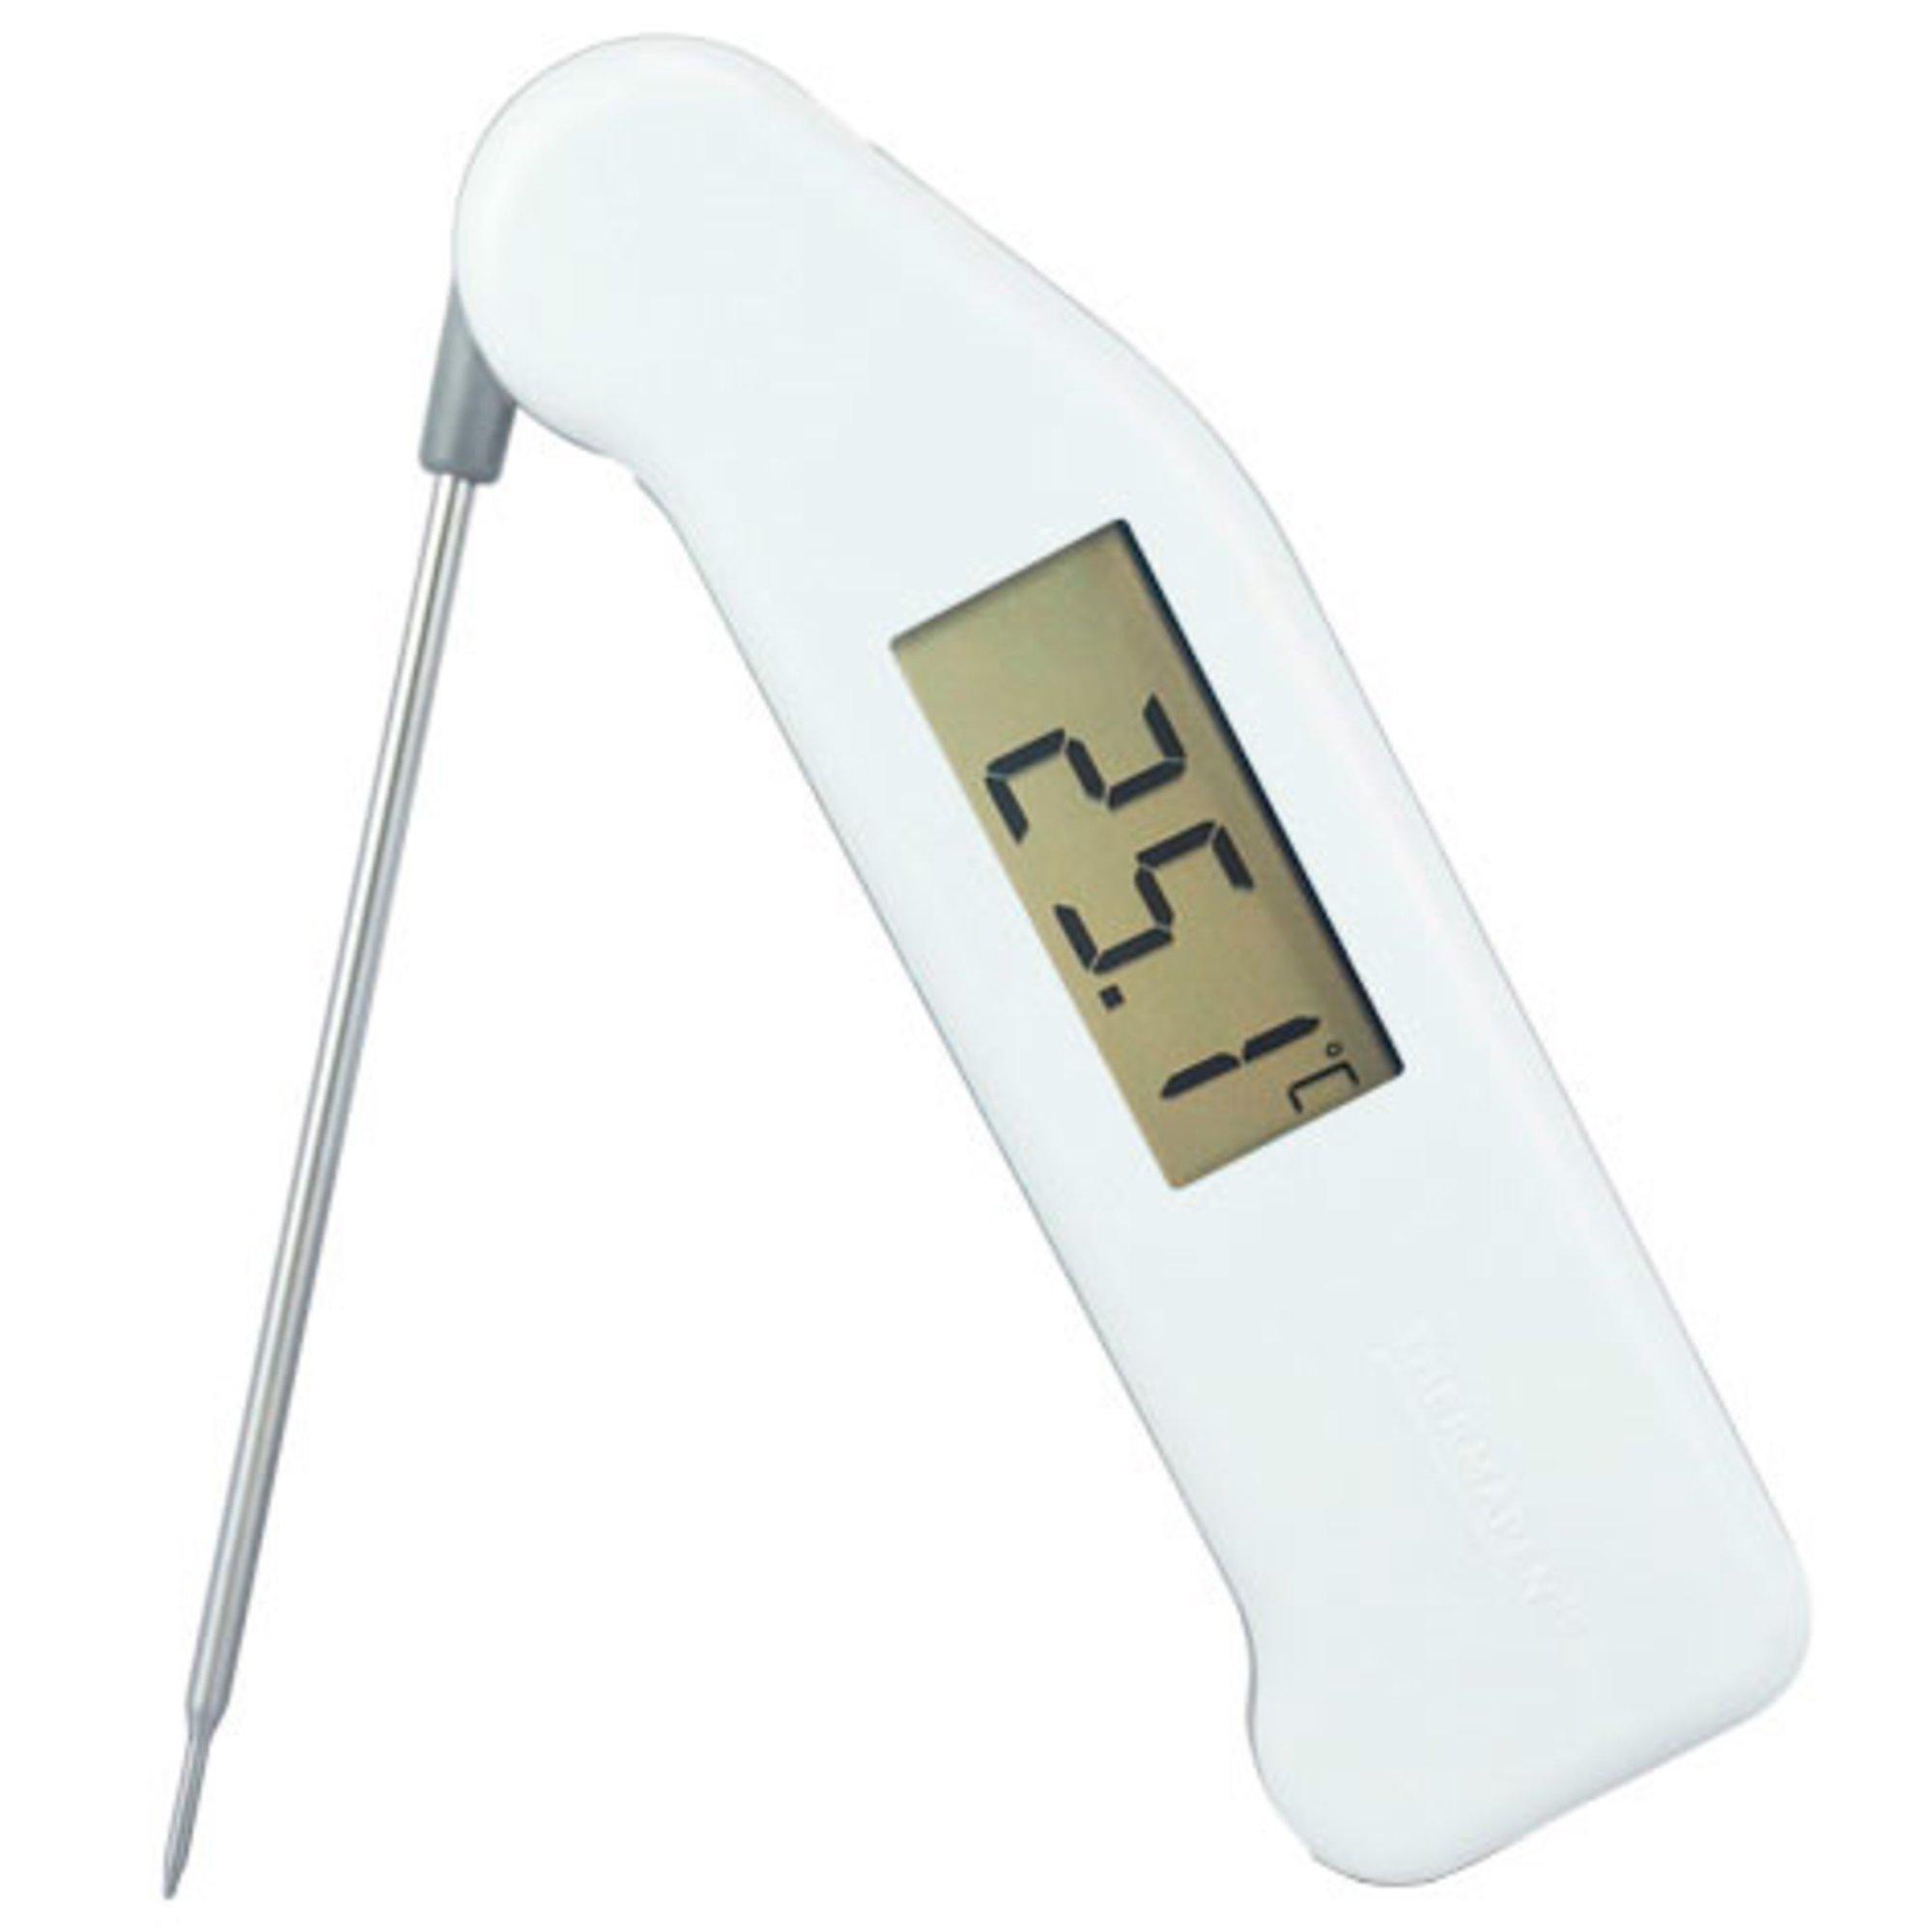 Thermapen ETI Classic Termometer Vit